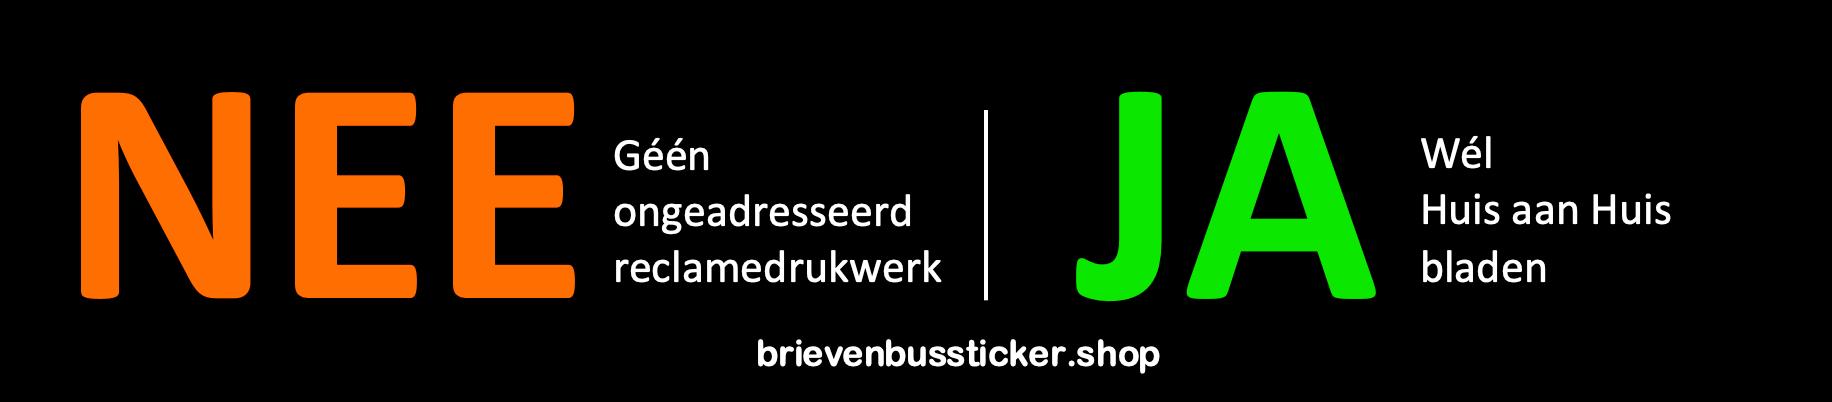 Nee Ja brievenbus sticker, géén ongeadresseerd reclamedrukwerk, wél huis aan huis bladen